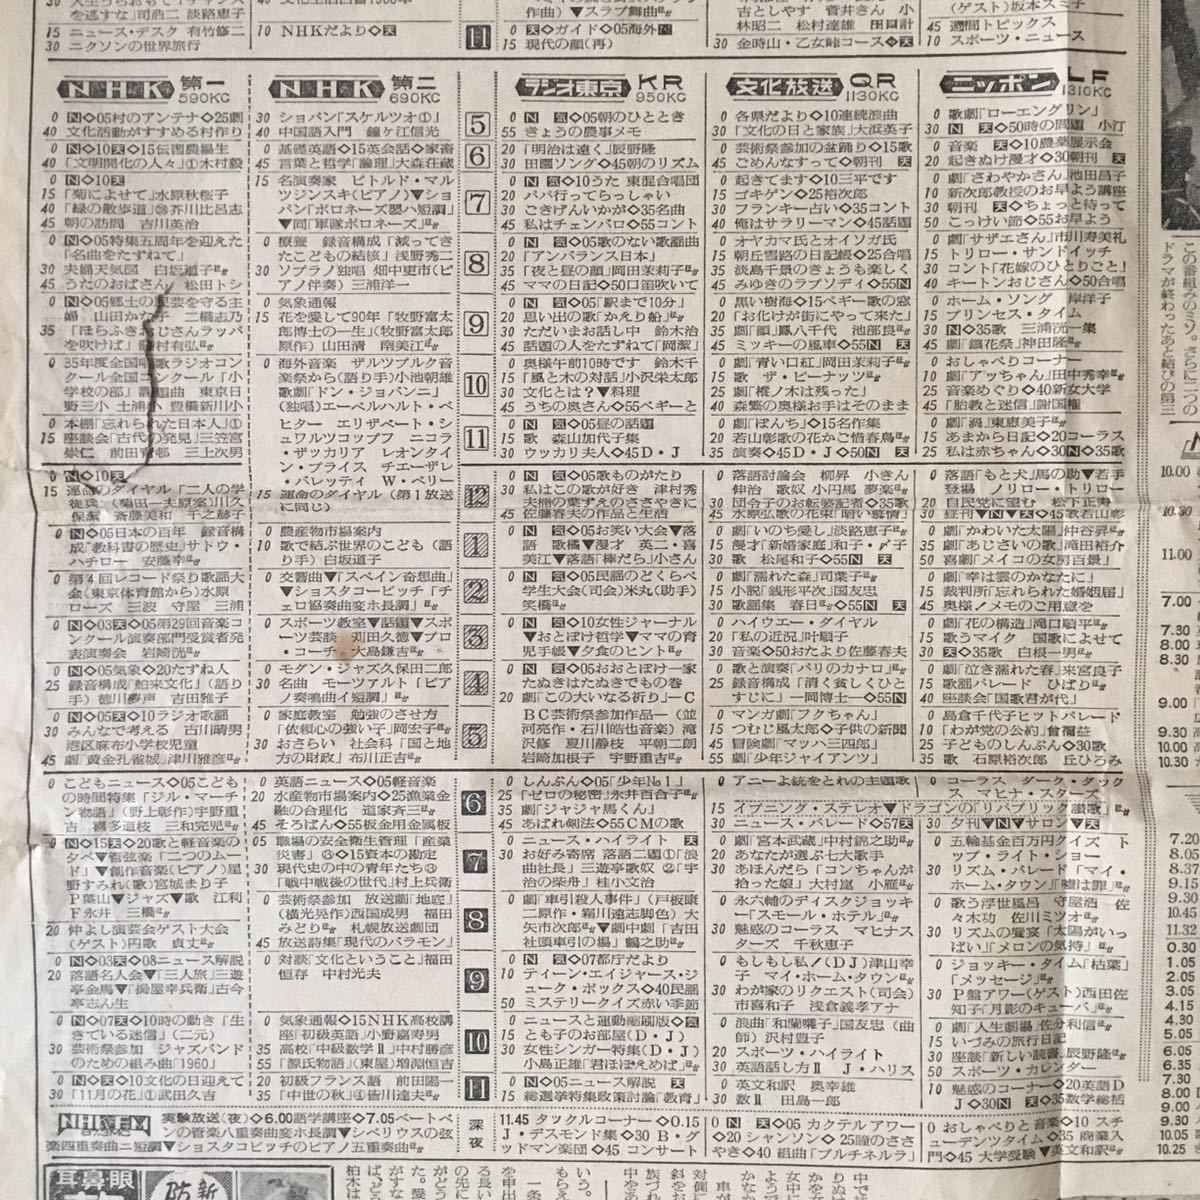 番組 テレビ 表 県 長野